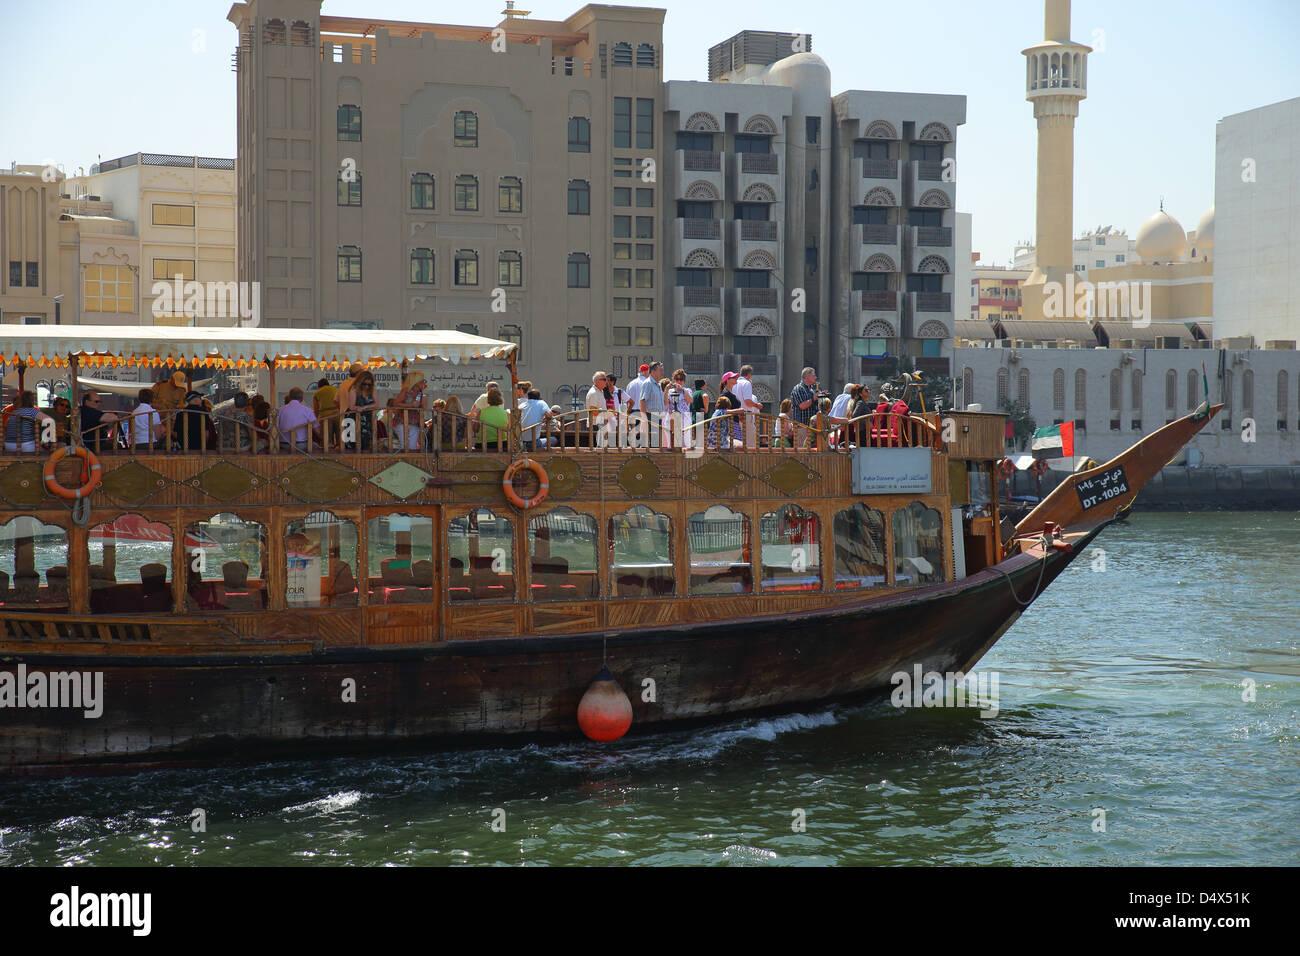 Tourists aboard a boat on the Dubai Creek, United Arab Emirates - Stock Image